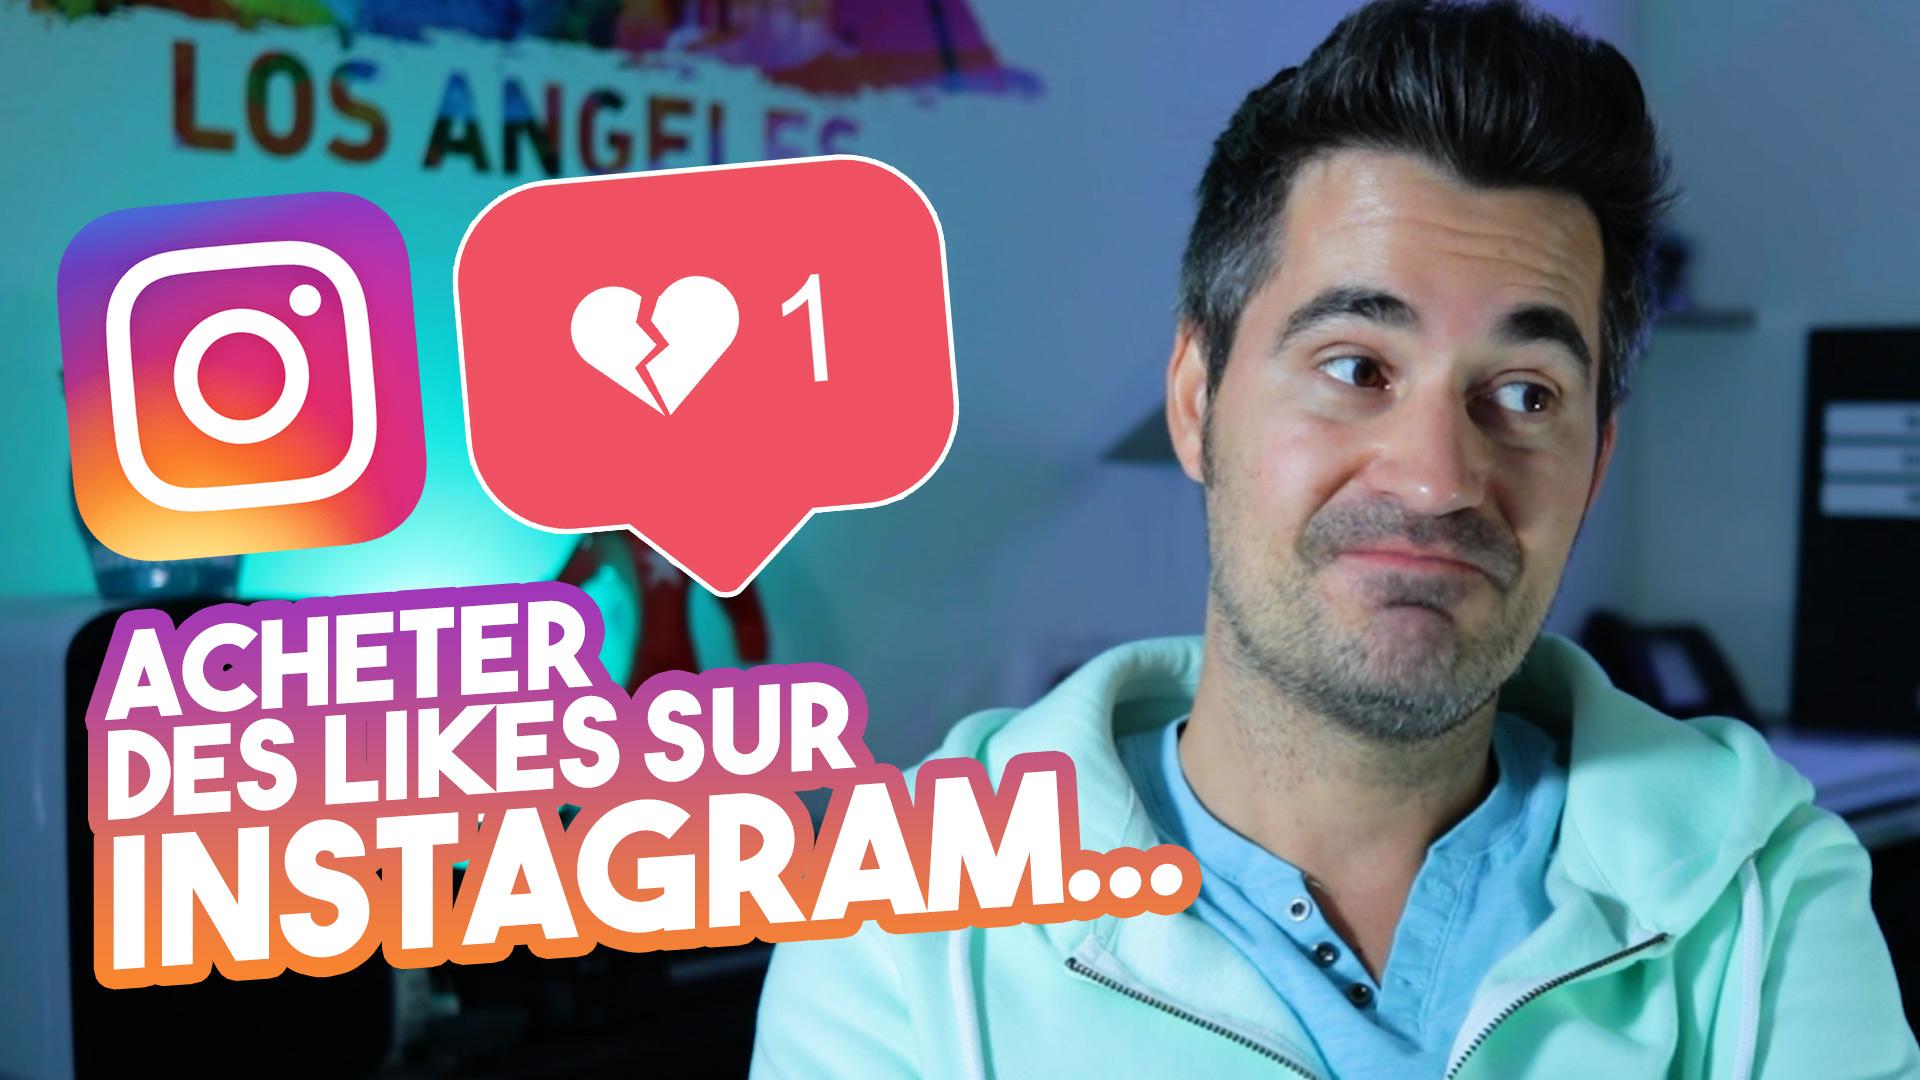 Achat de likes sur Instagram, le grand test – Acheter des likes : bon plan ou arnaque ?